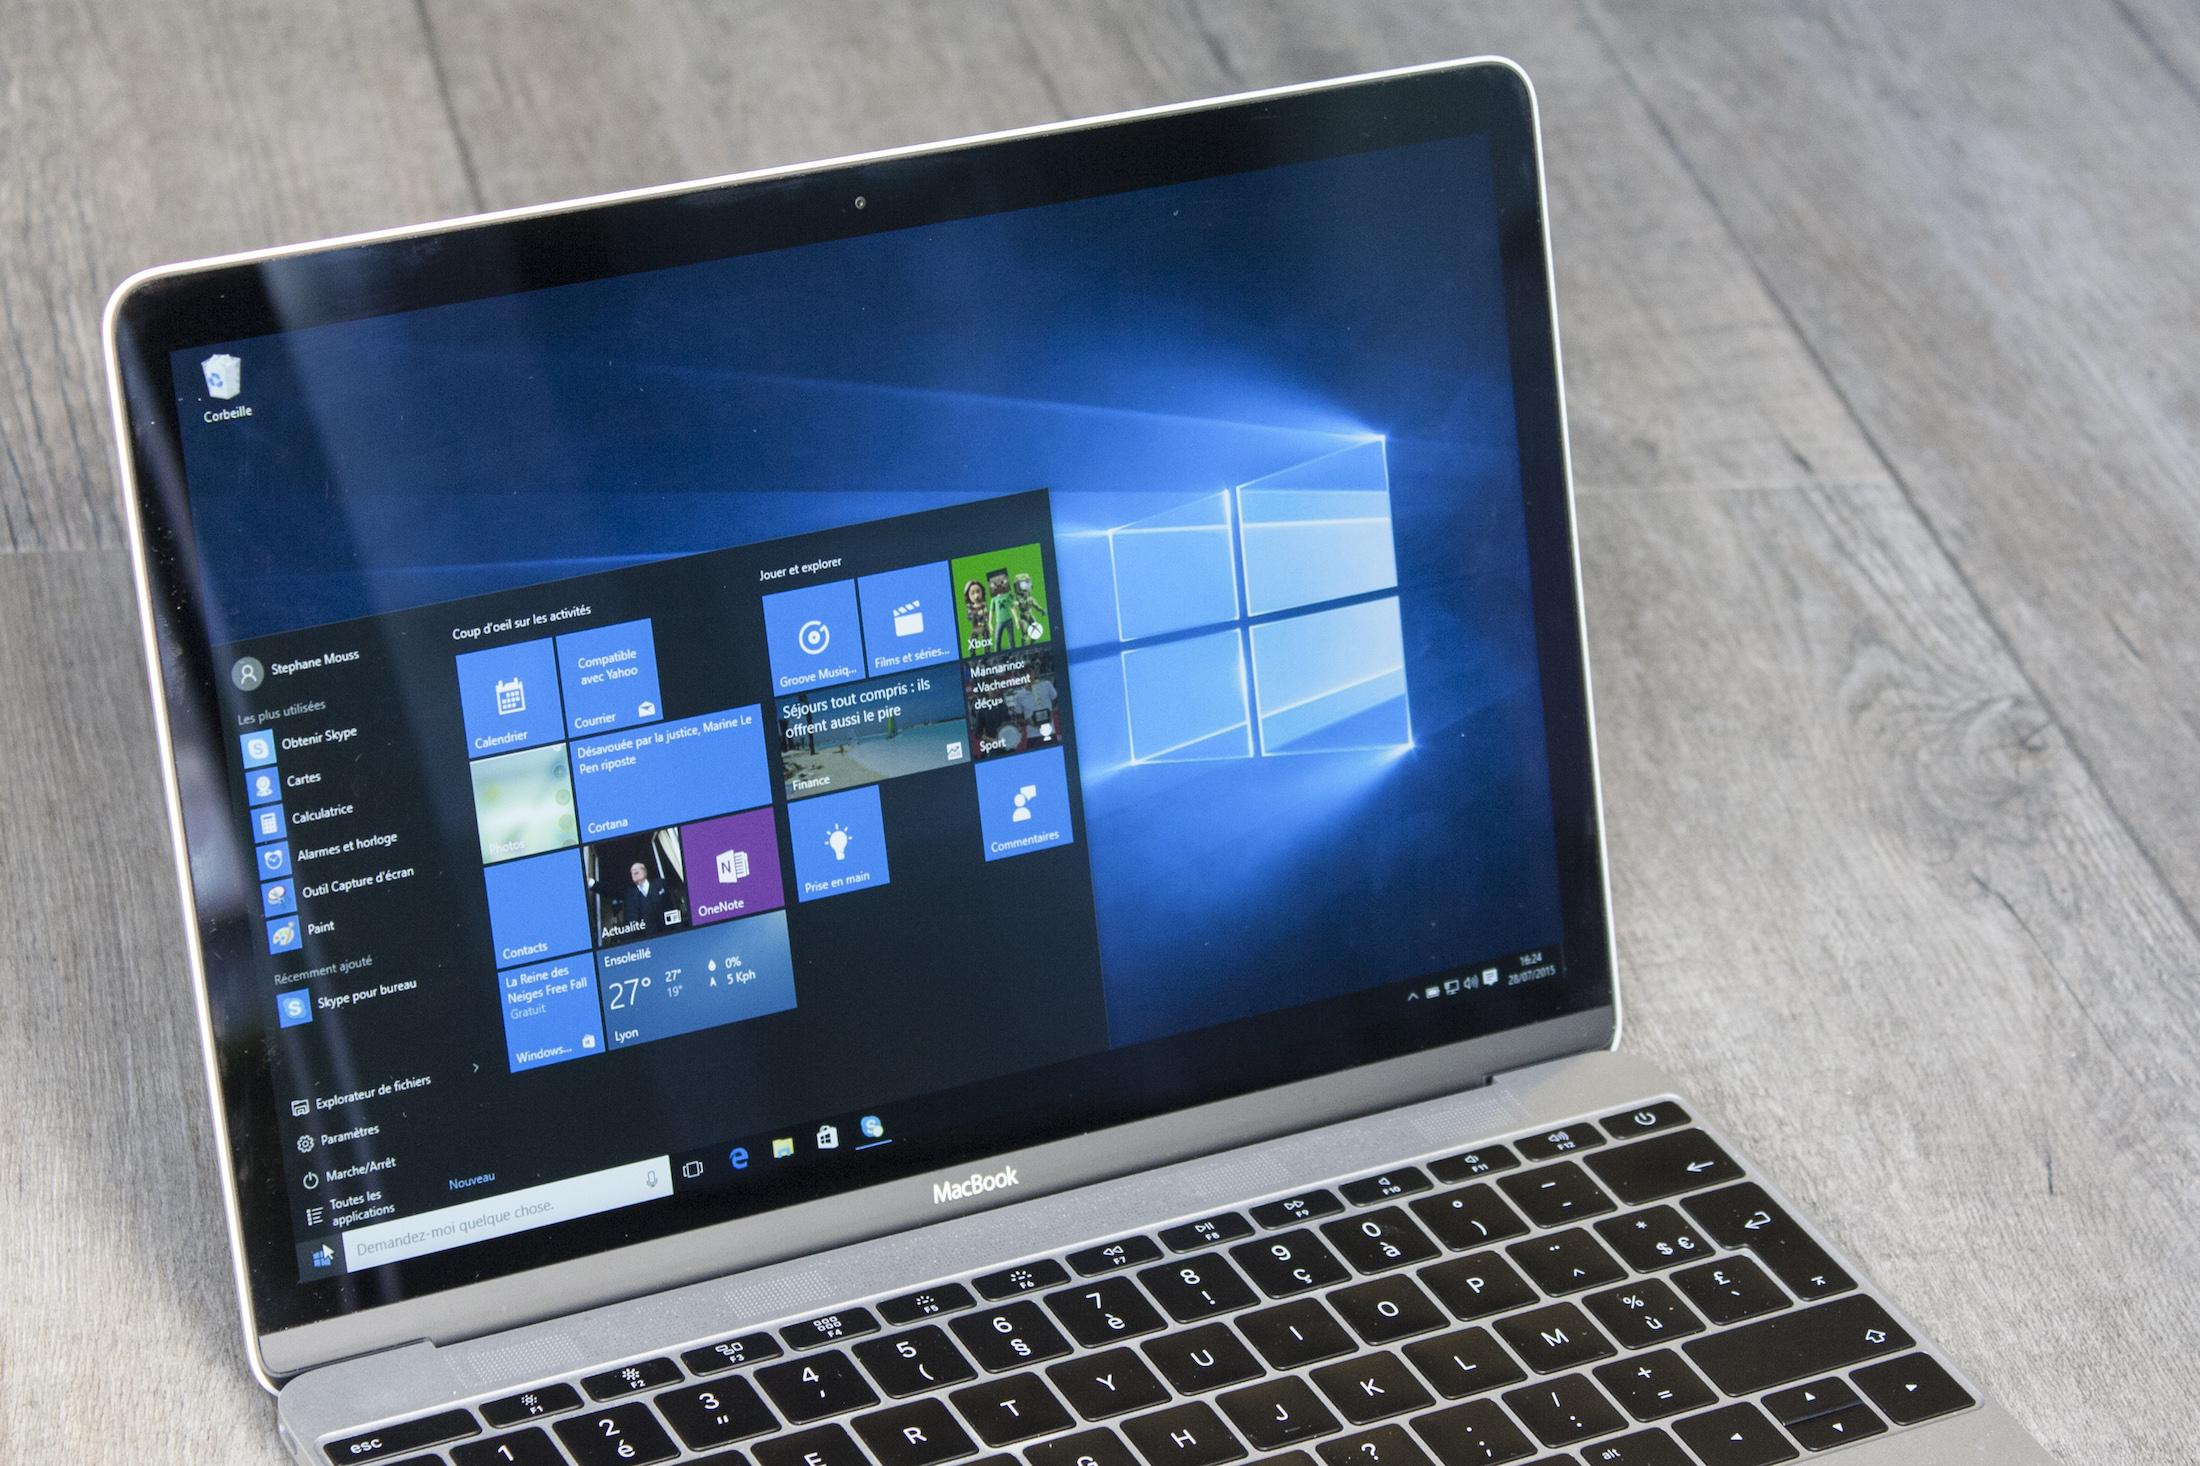 Confidentialit comment windows 10 g re votre vie priv e macgeneration - Comment classer ses photos avec windows 10 ...